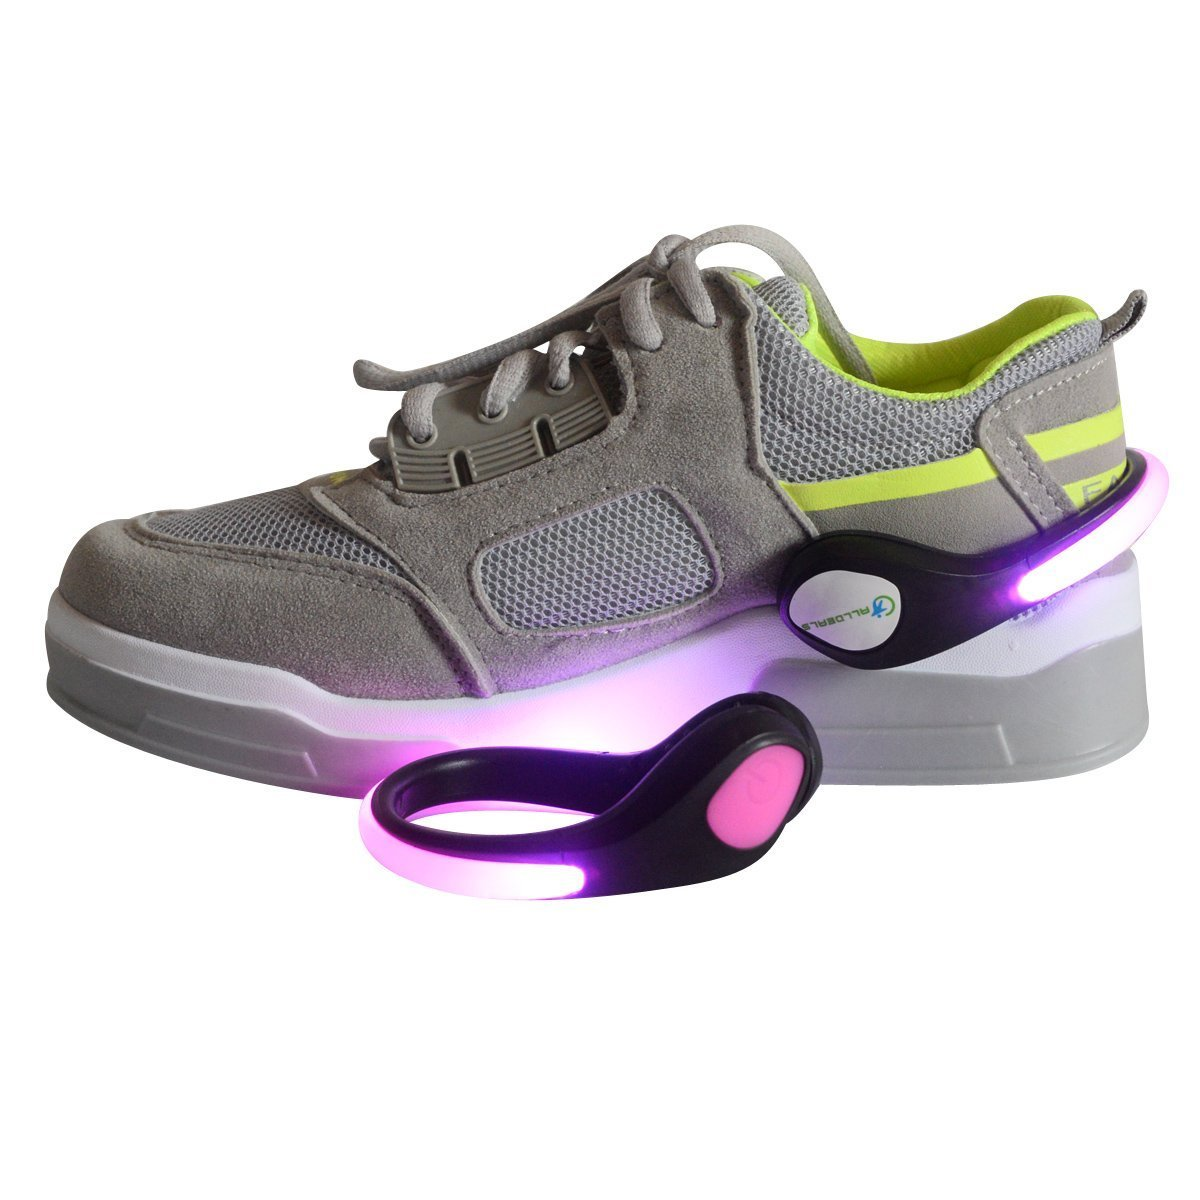 led-shoes-clip-lights-image-2.jpg